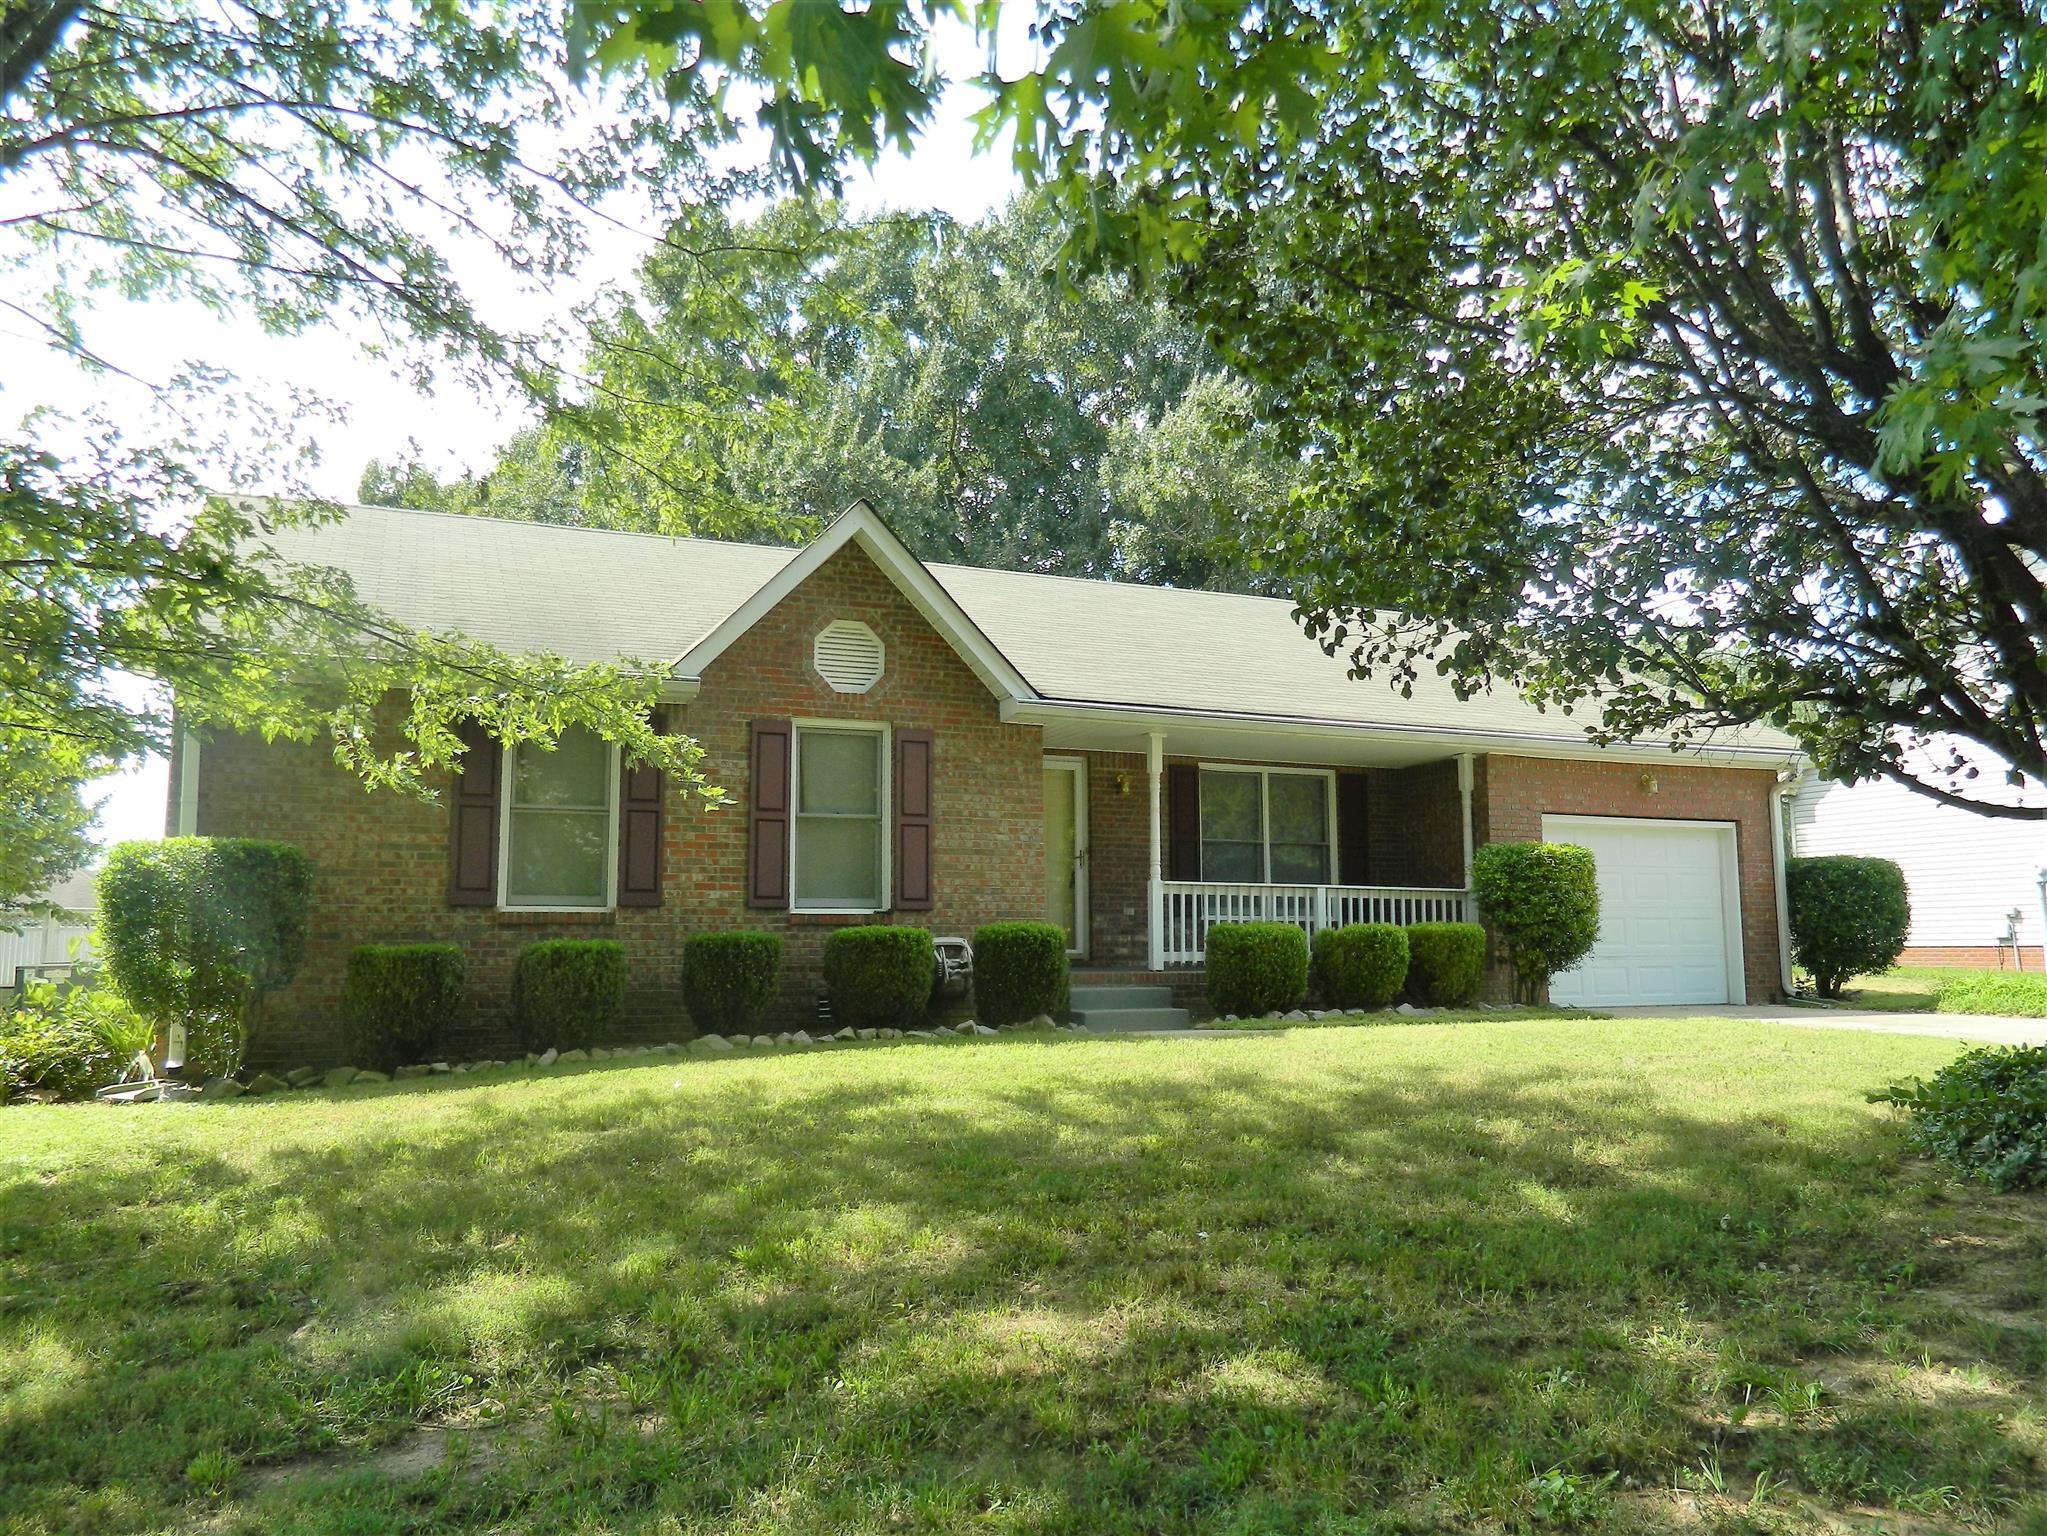 1736 Old Trenton Rd, Clarksville, TN 37040